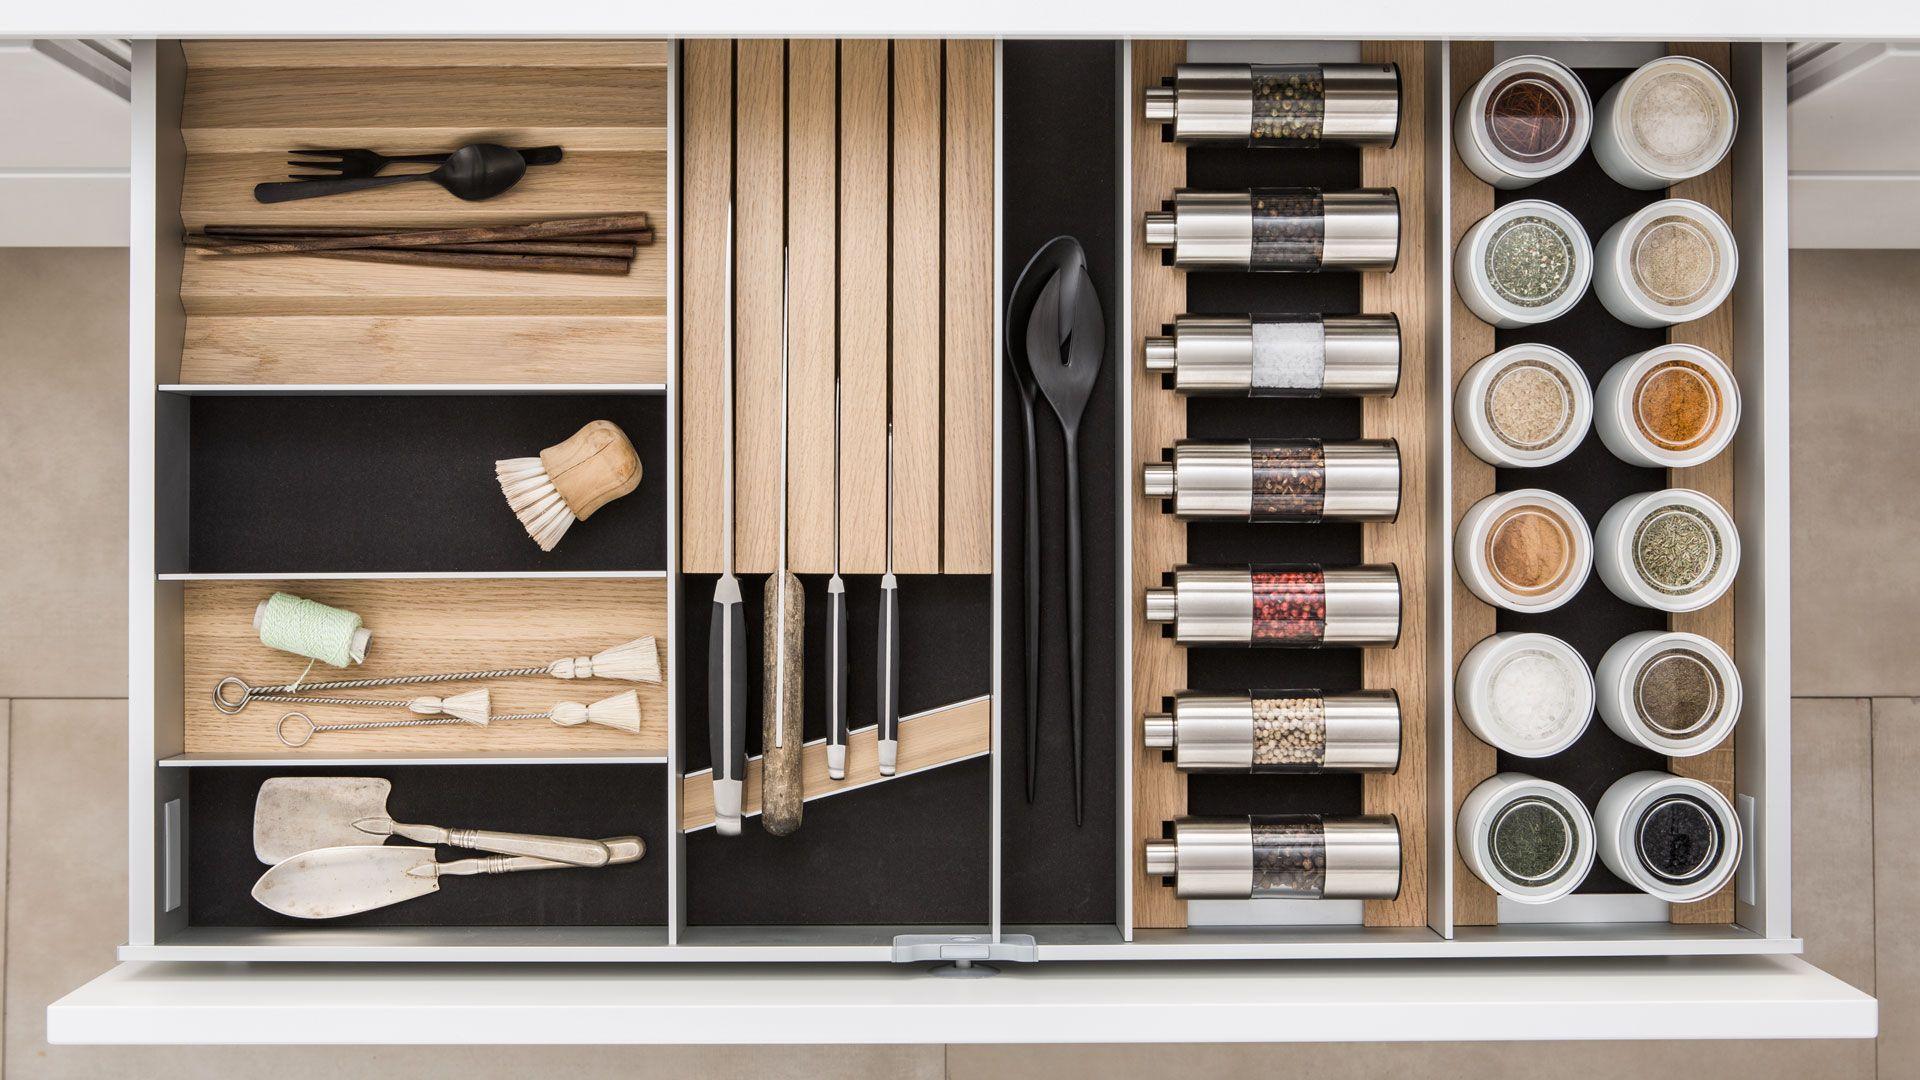 SieMatic Küchen: Innenausstattung SieMatic | Kuchnia - detale ...